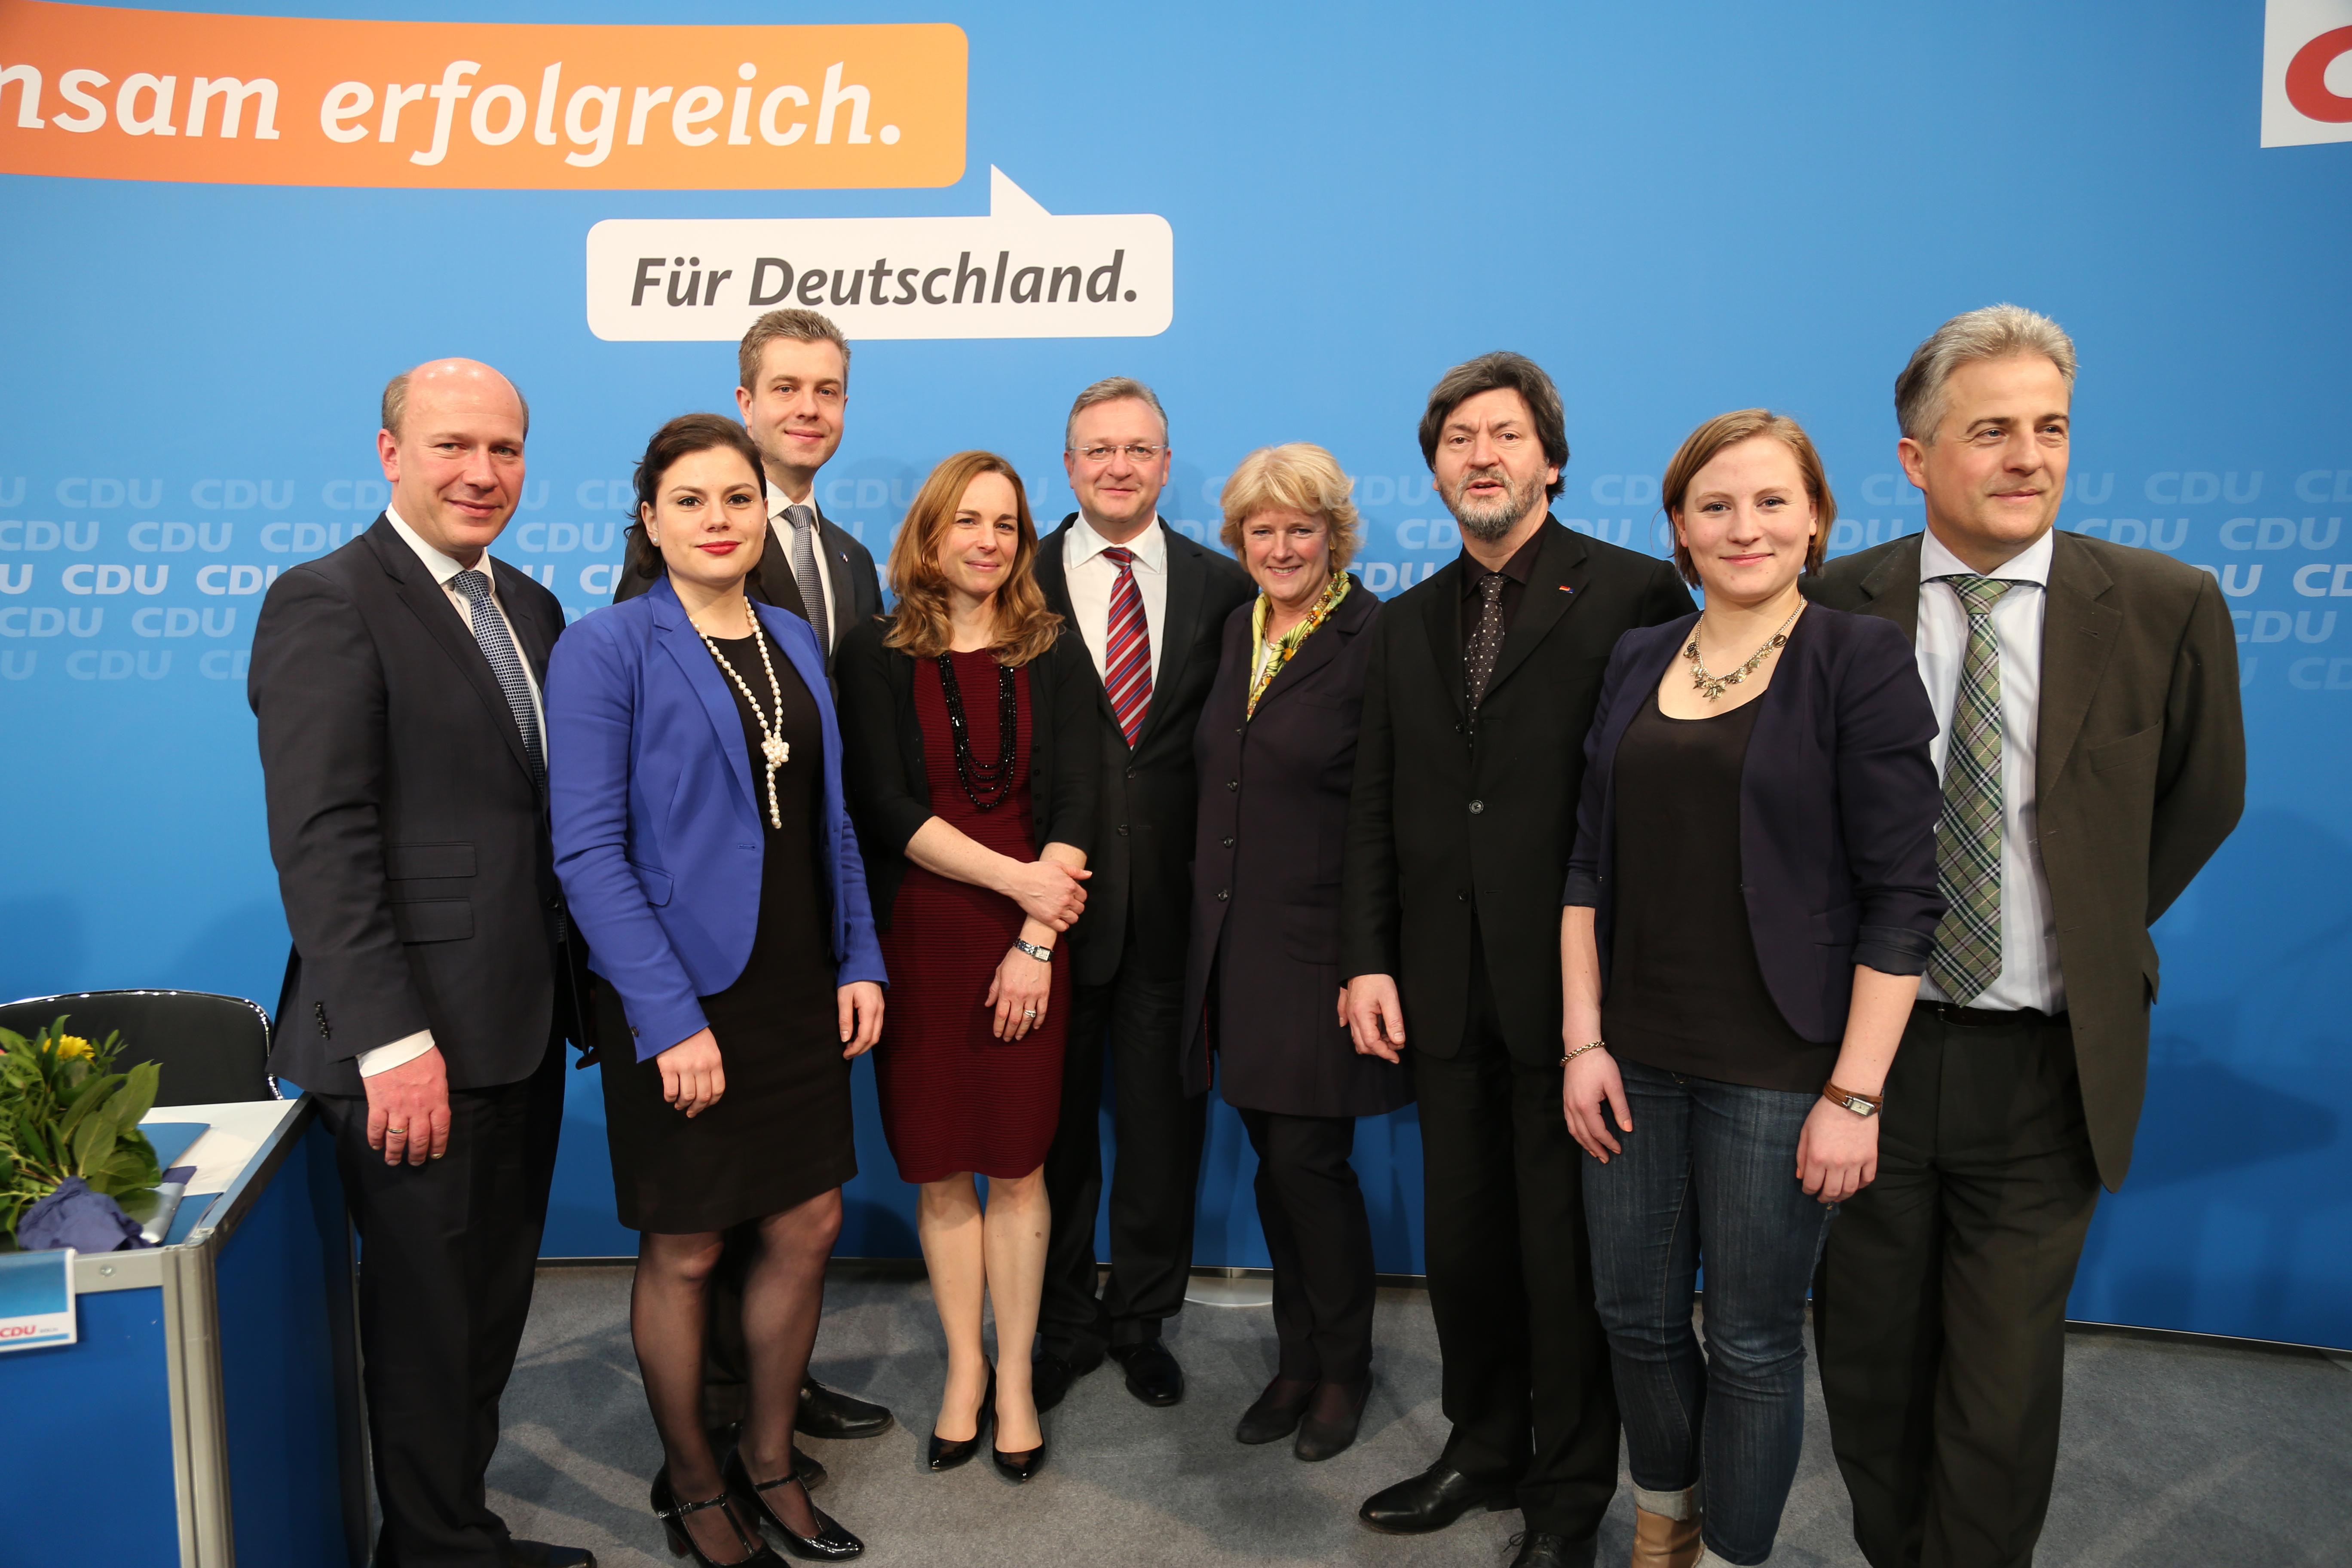 Kandidaten für die Europawahl 2014